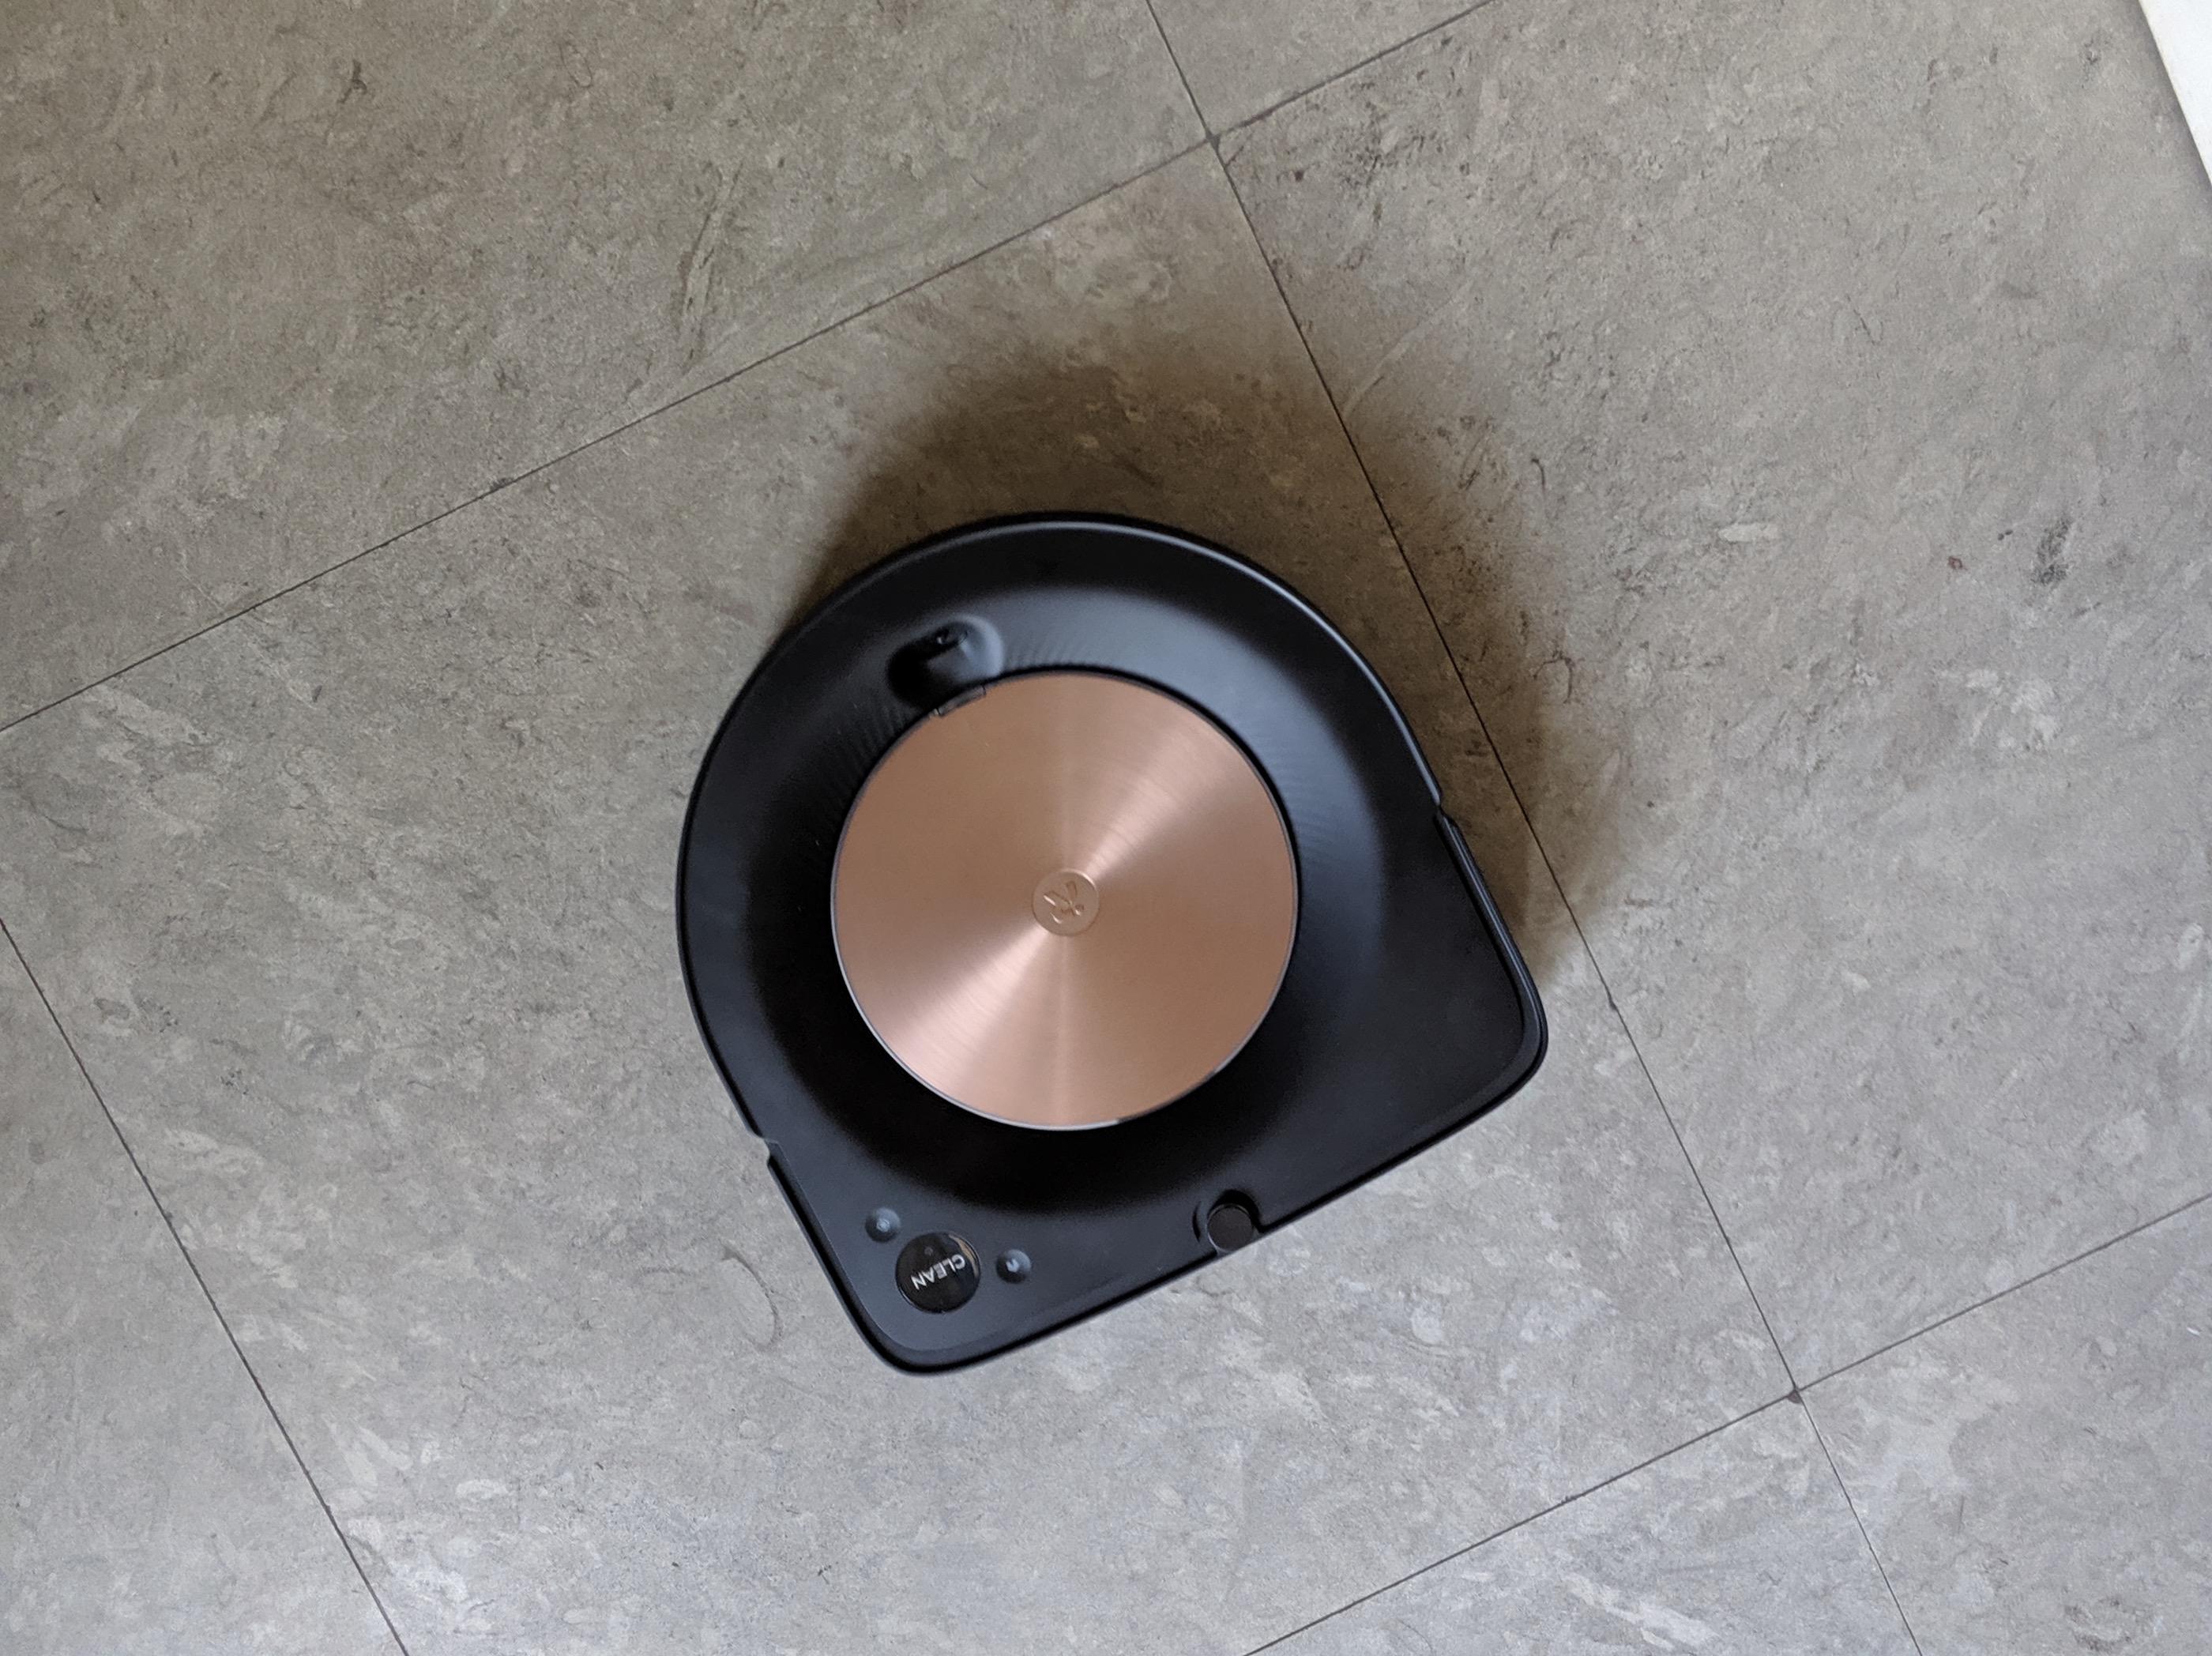 iRobot Roomba s9+ et Braava jet m6 : les derniers aspi-robots et robots laveurs sont encore plus intelligents (et plus chers)